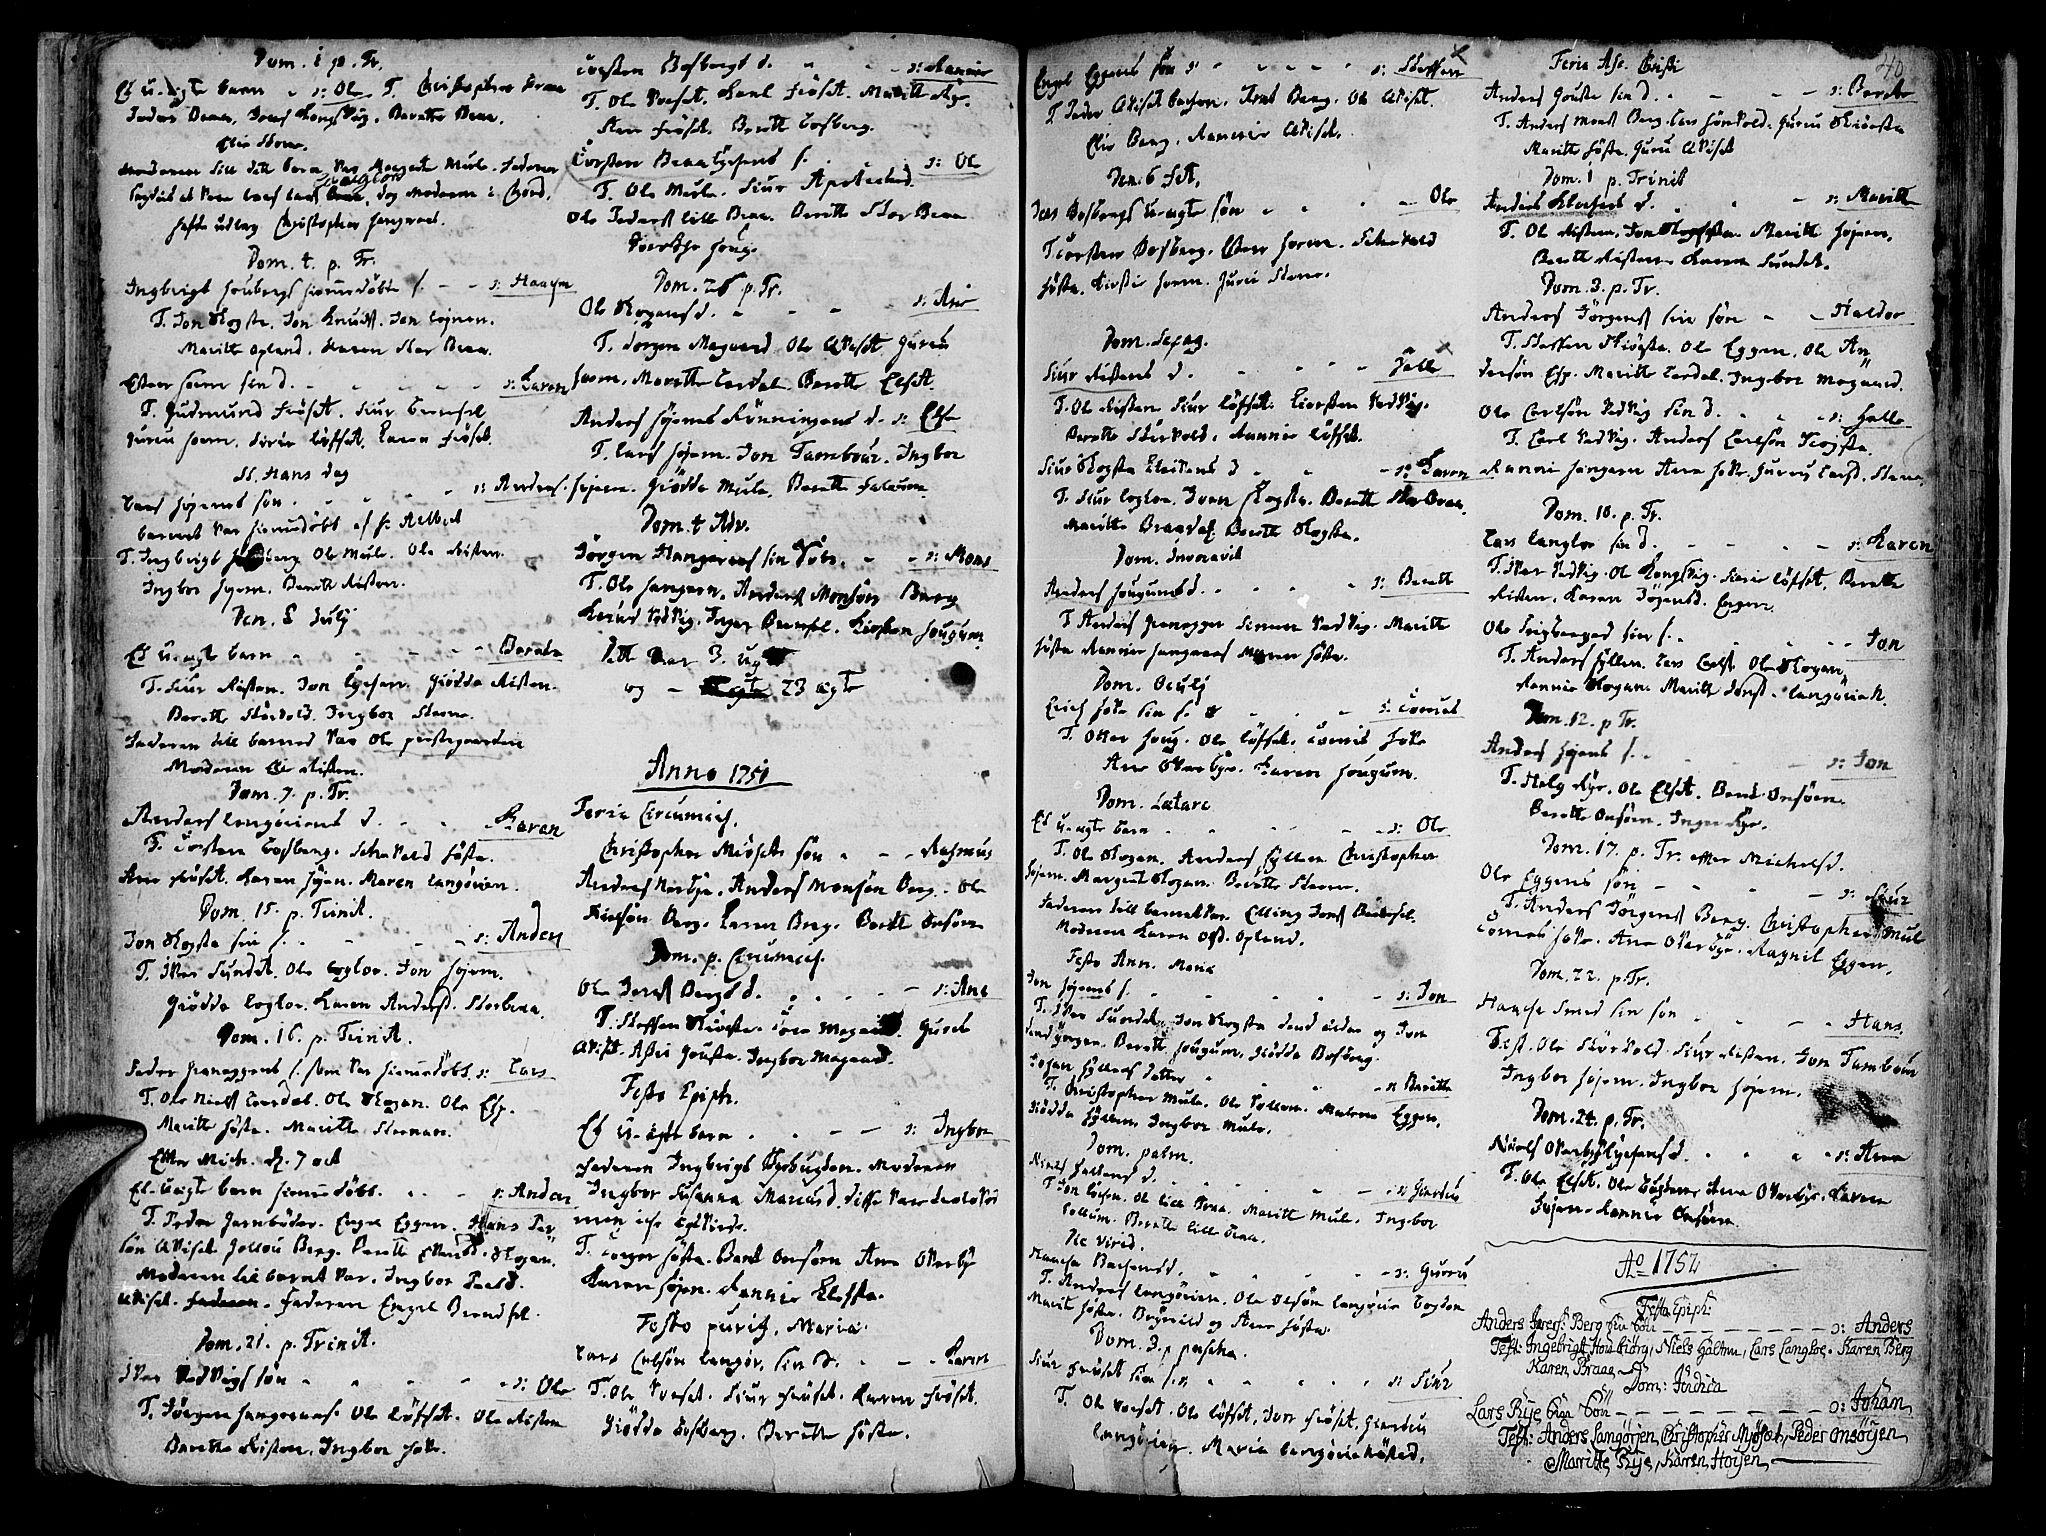 SAT, Ministerialprotokoller, klokkerbøker og fødselsregistre - Sør-Trøndelag, 612/L0368: Ministerialbok nr. 612A02, 1702-1753, s. 40